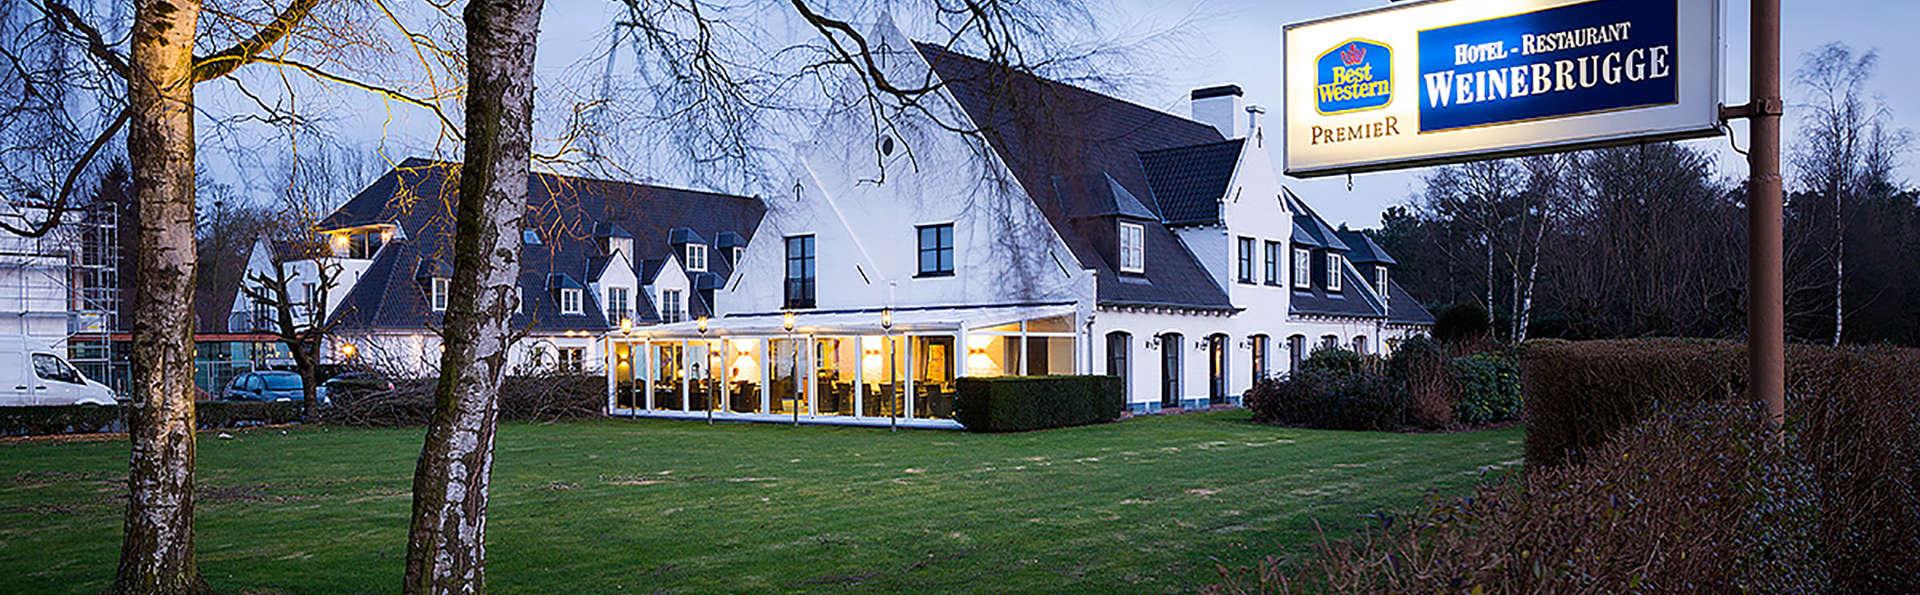 Hotel – Restaurant Weinebrugge  - Edit_front6.jpg